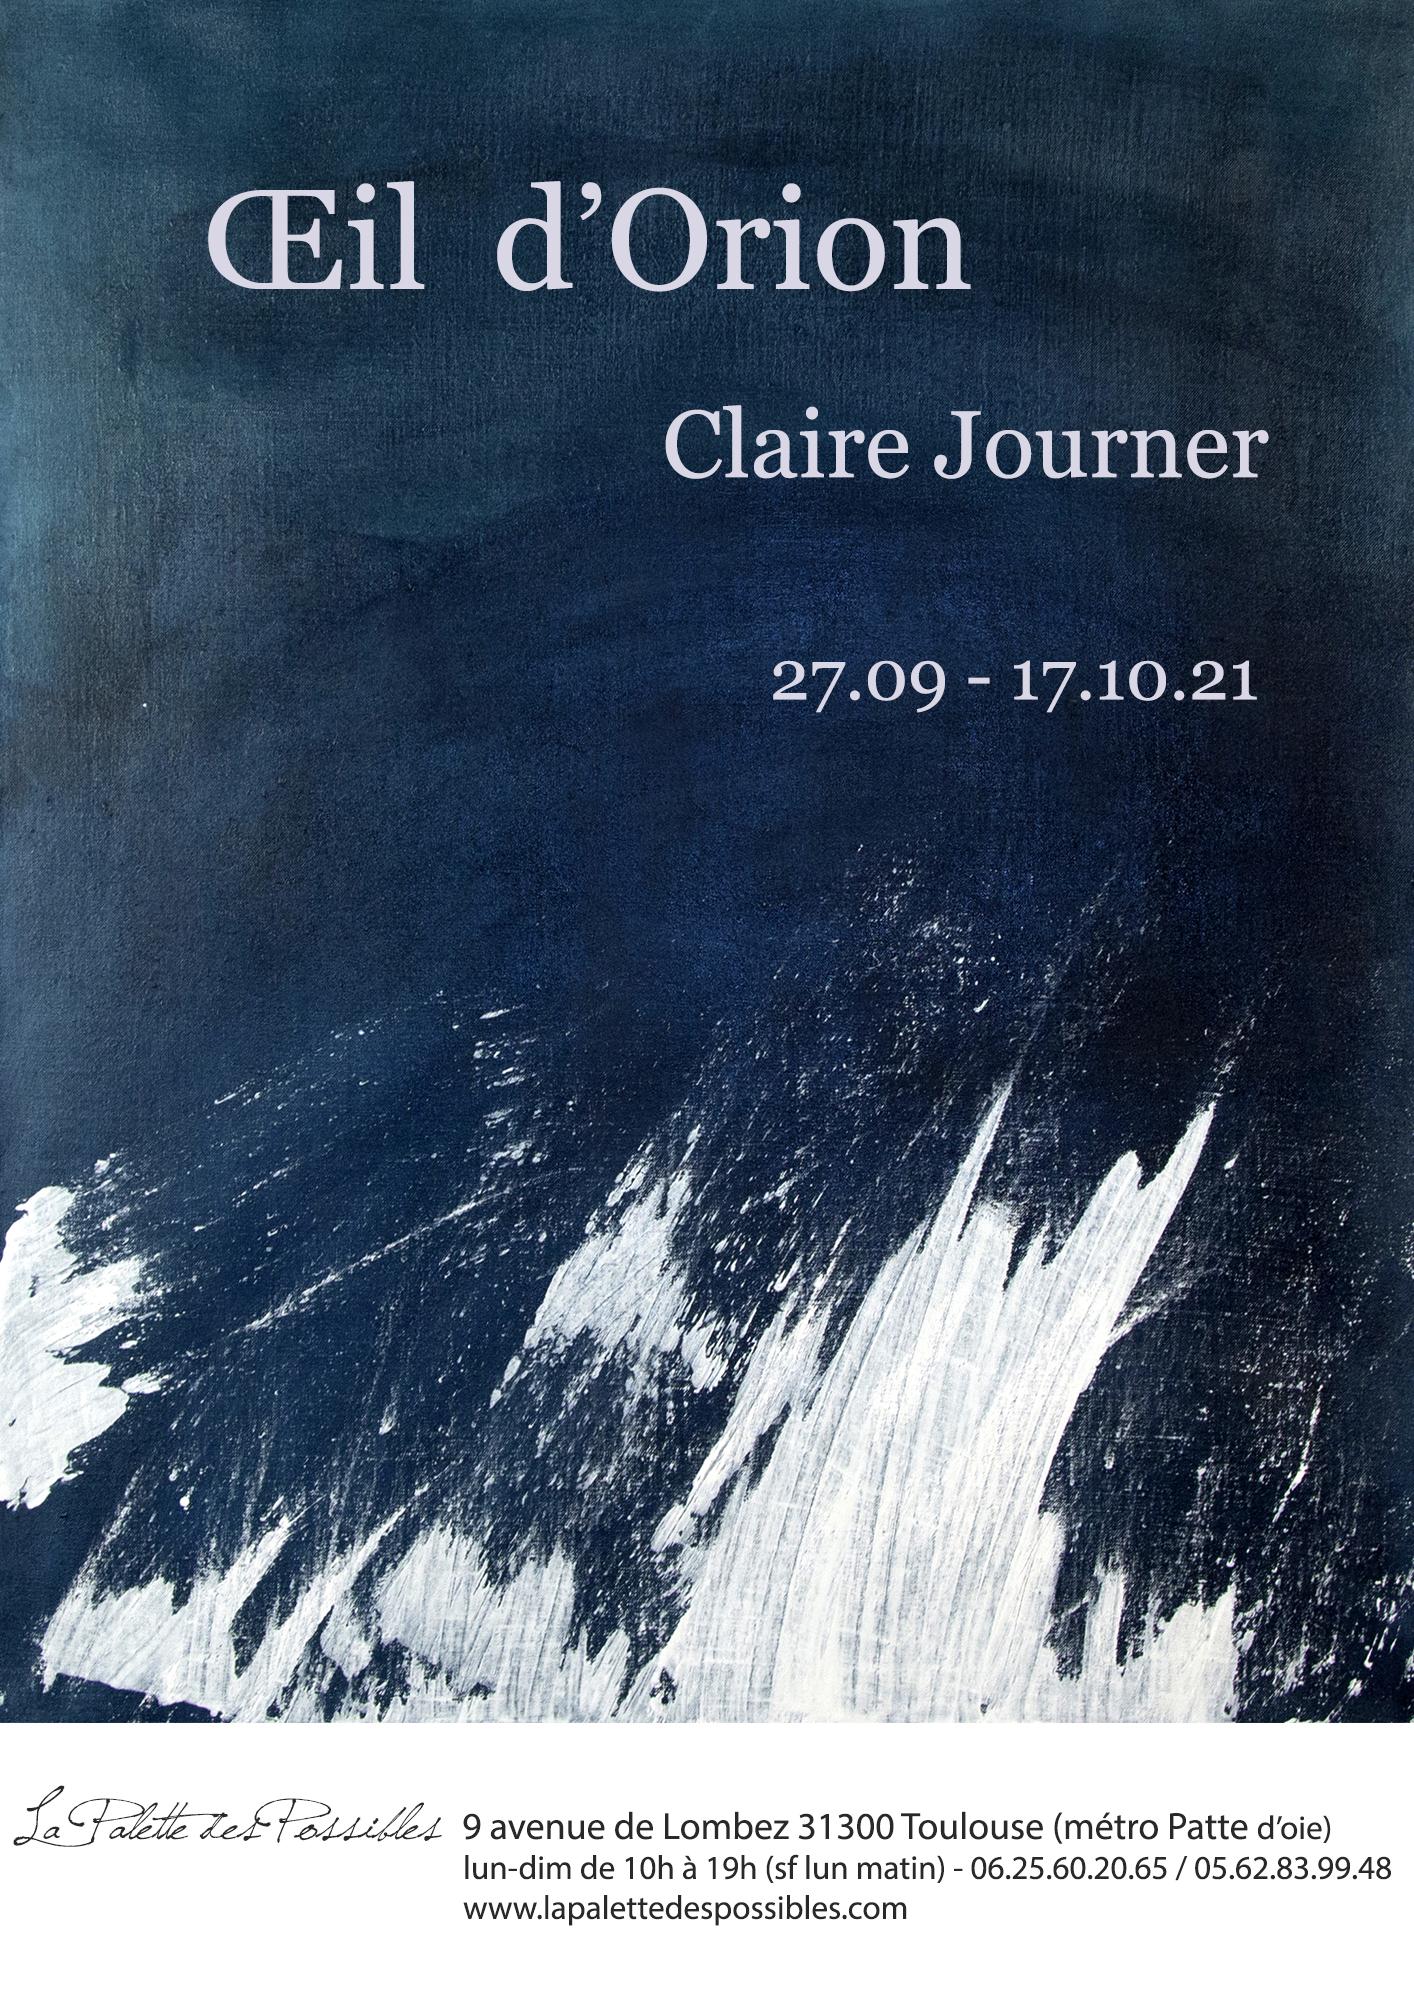 OEil d'Orion – Claire Journer